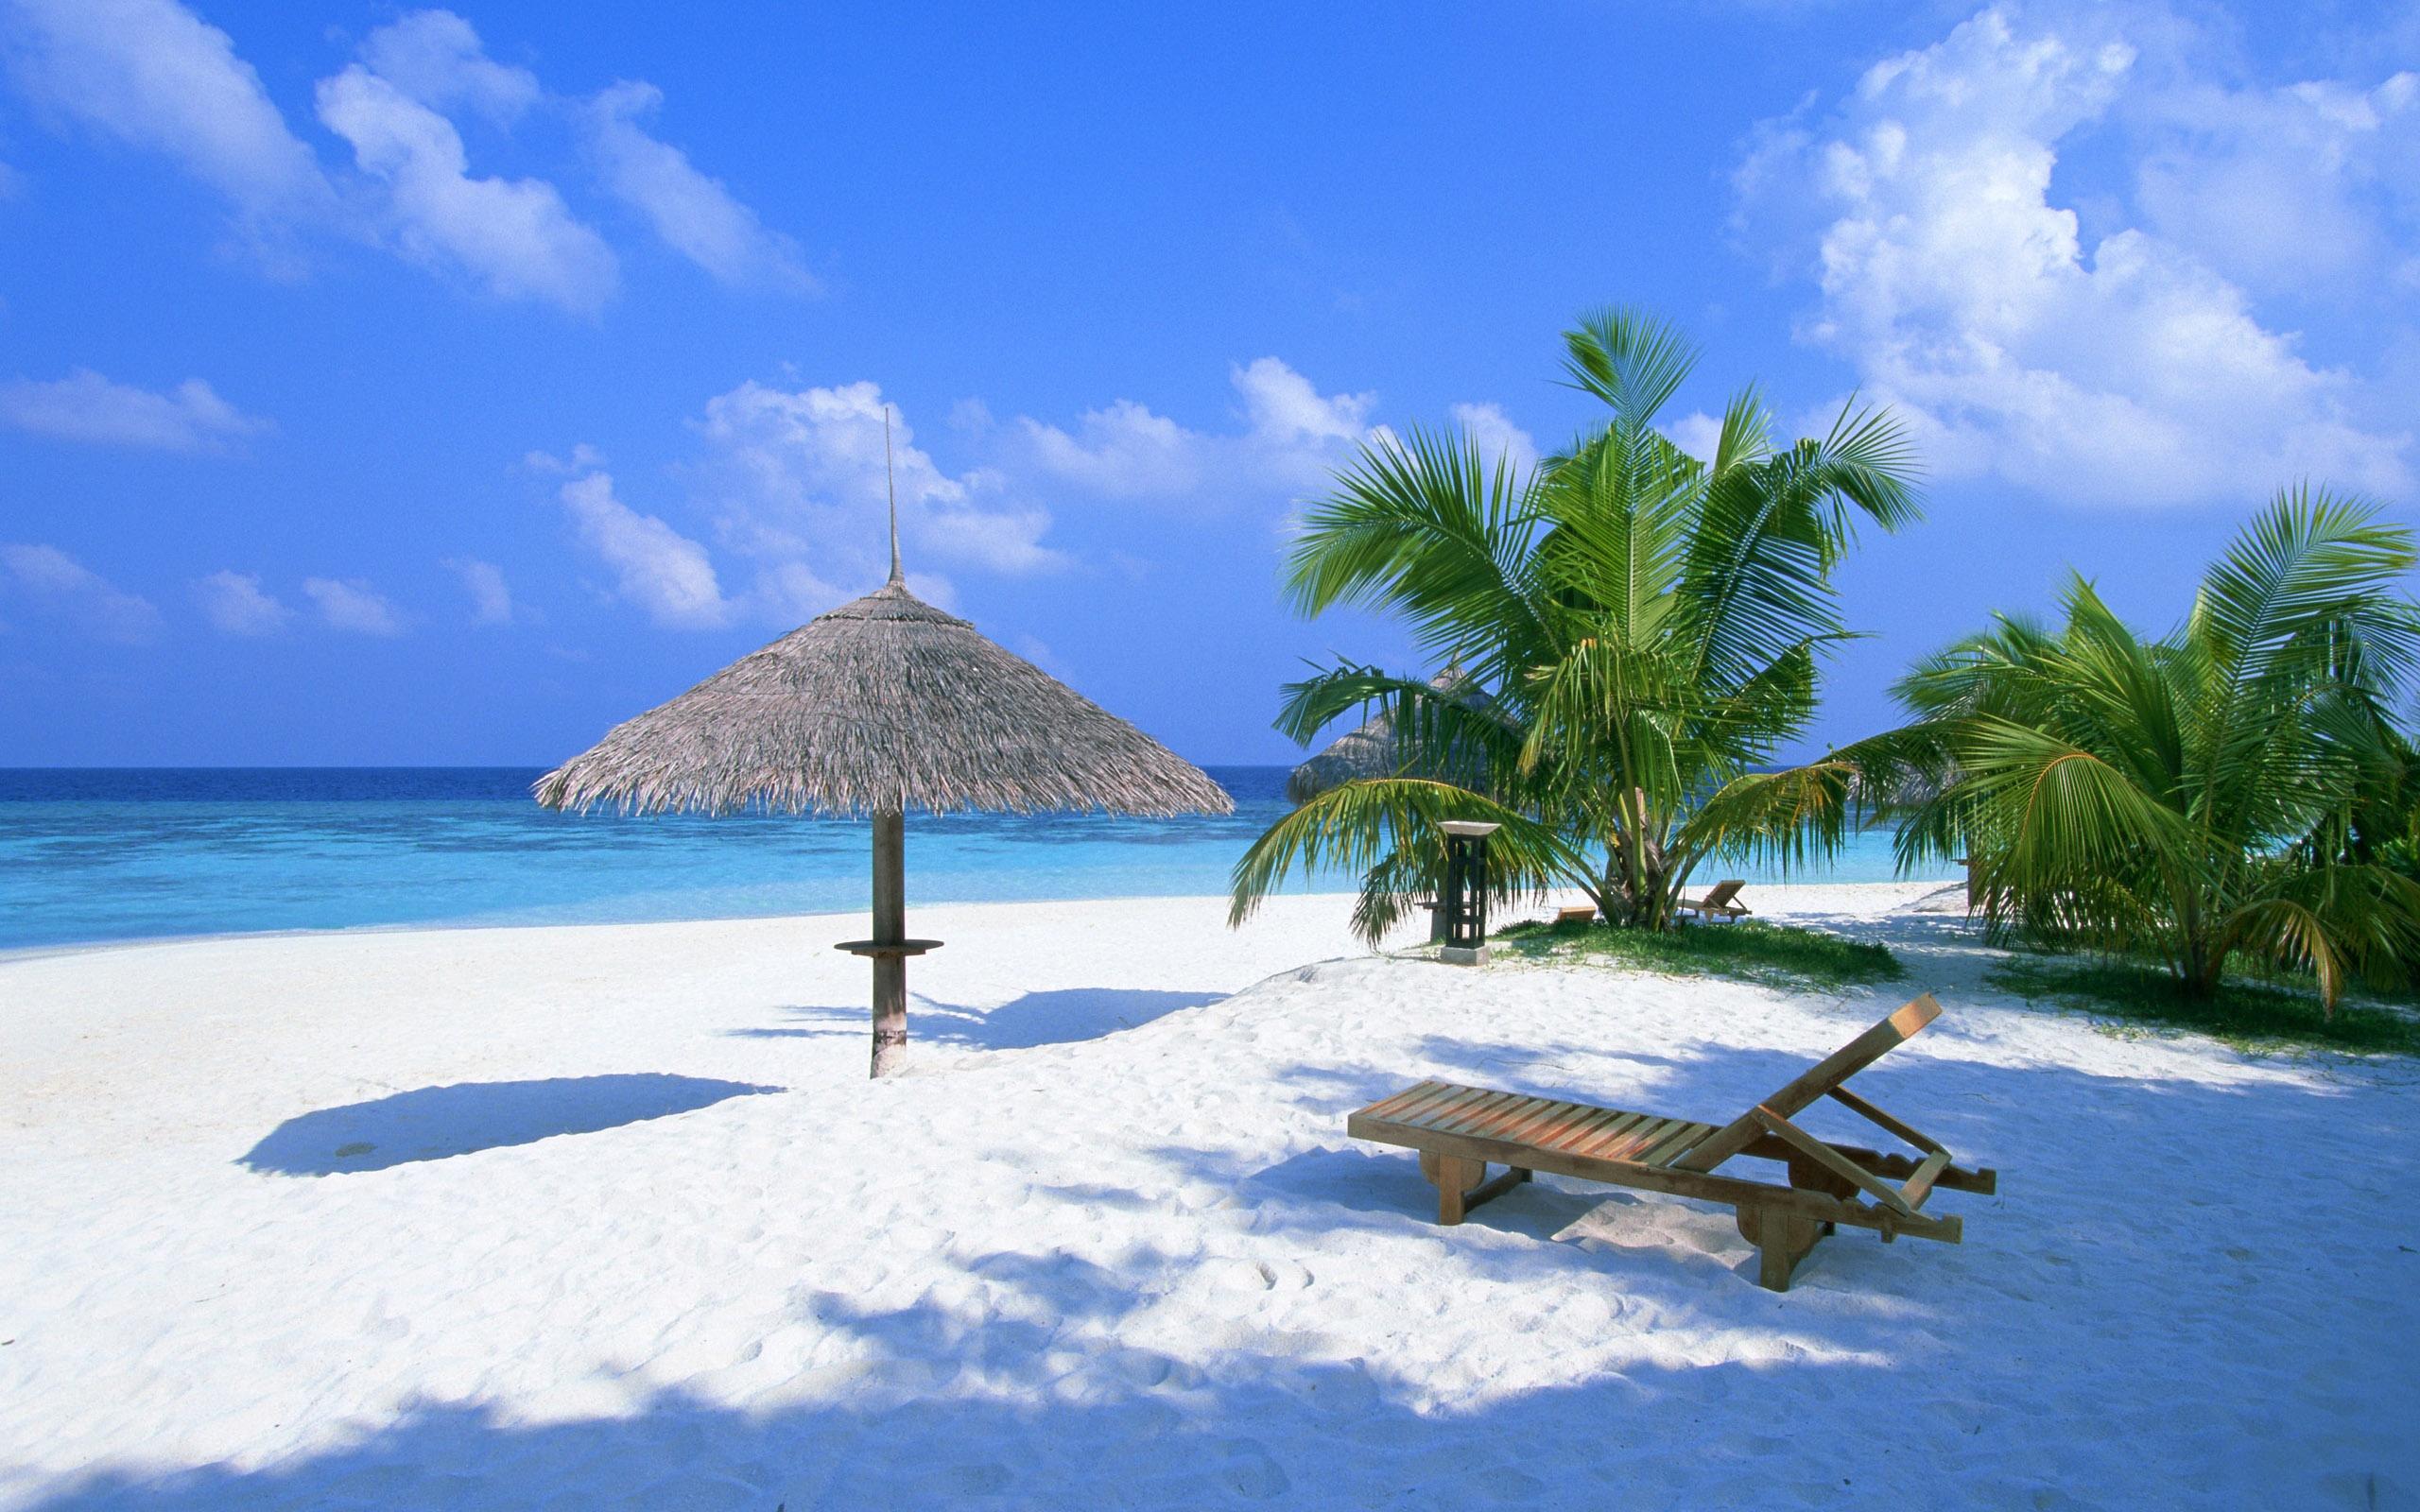 Beach Rest Place on Shore desktop wallpaper WallpaperPixel 2560x1600